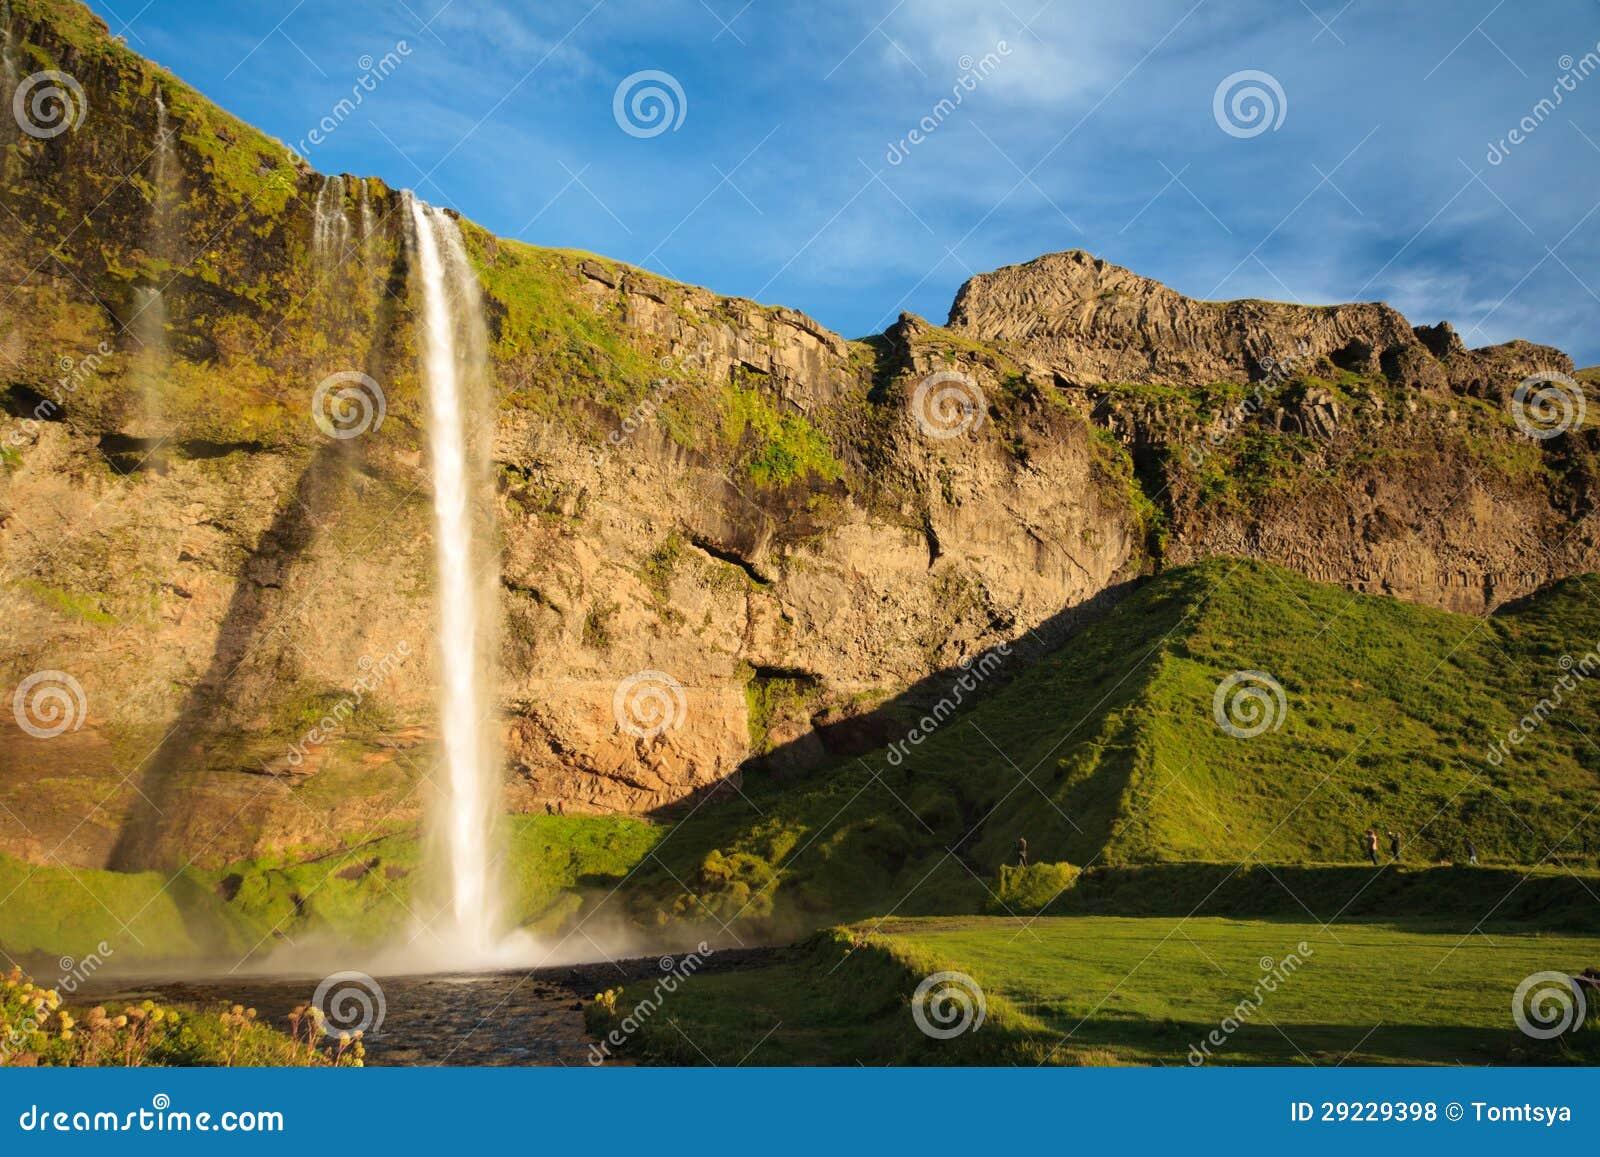 Download Cachoeira Surpreendente Em Islândia Foto de Stock - Imagem de frio, altura: 29229398